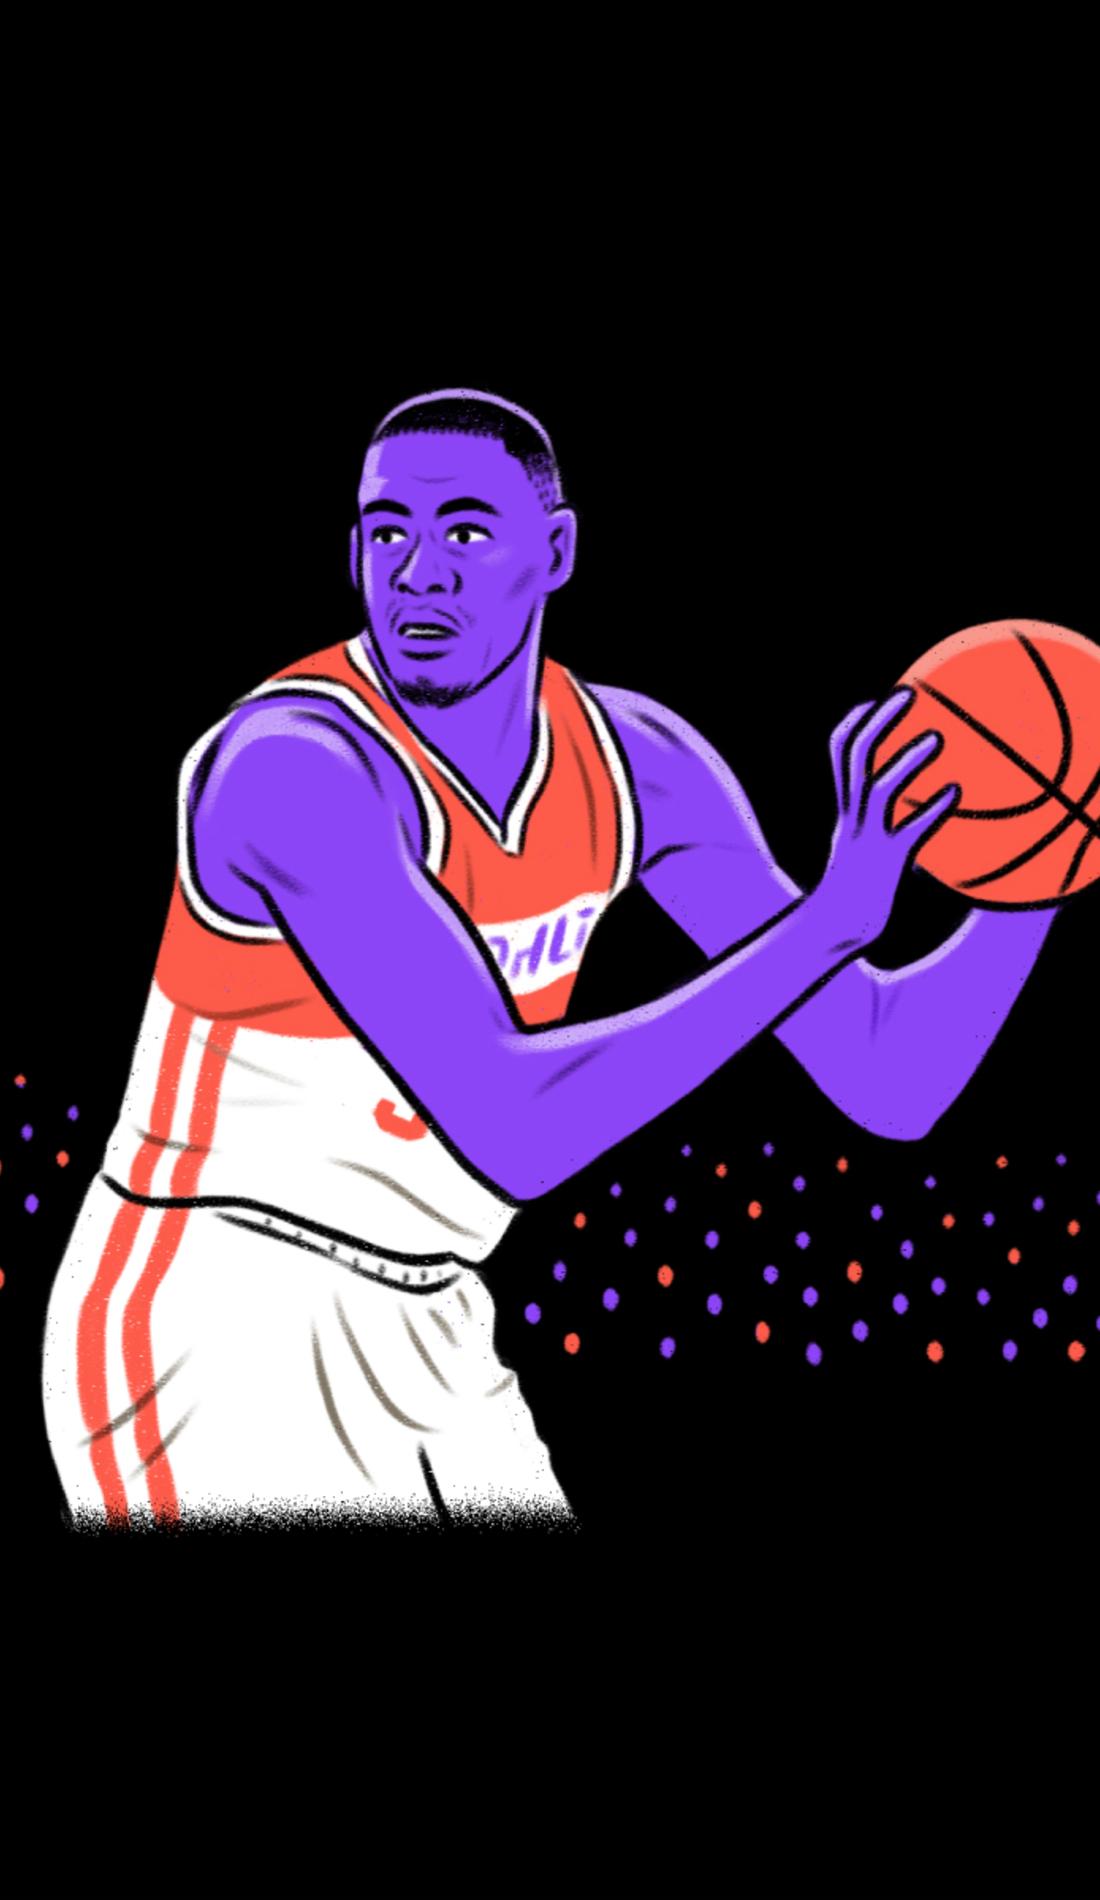 A Big Ten Men's Basketball Tournament live event